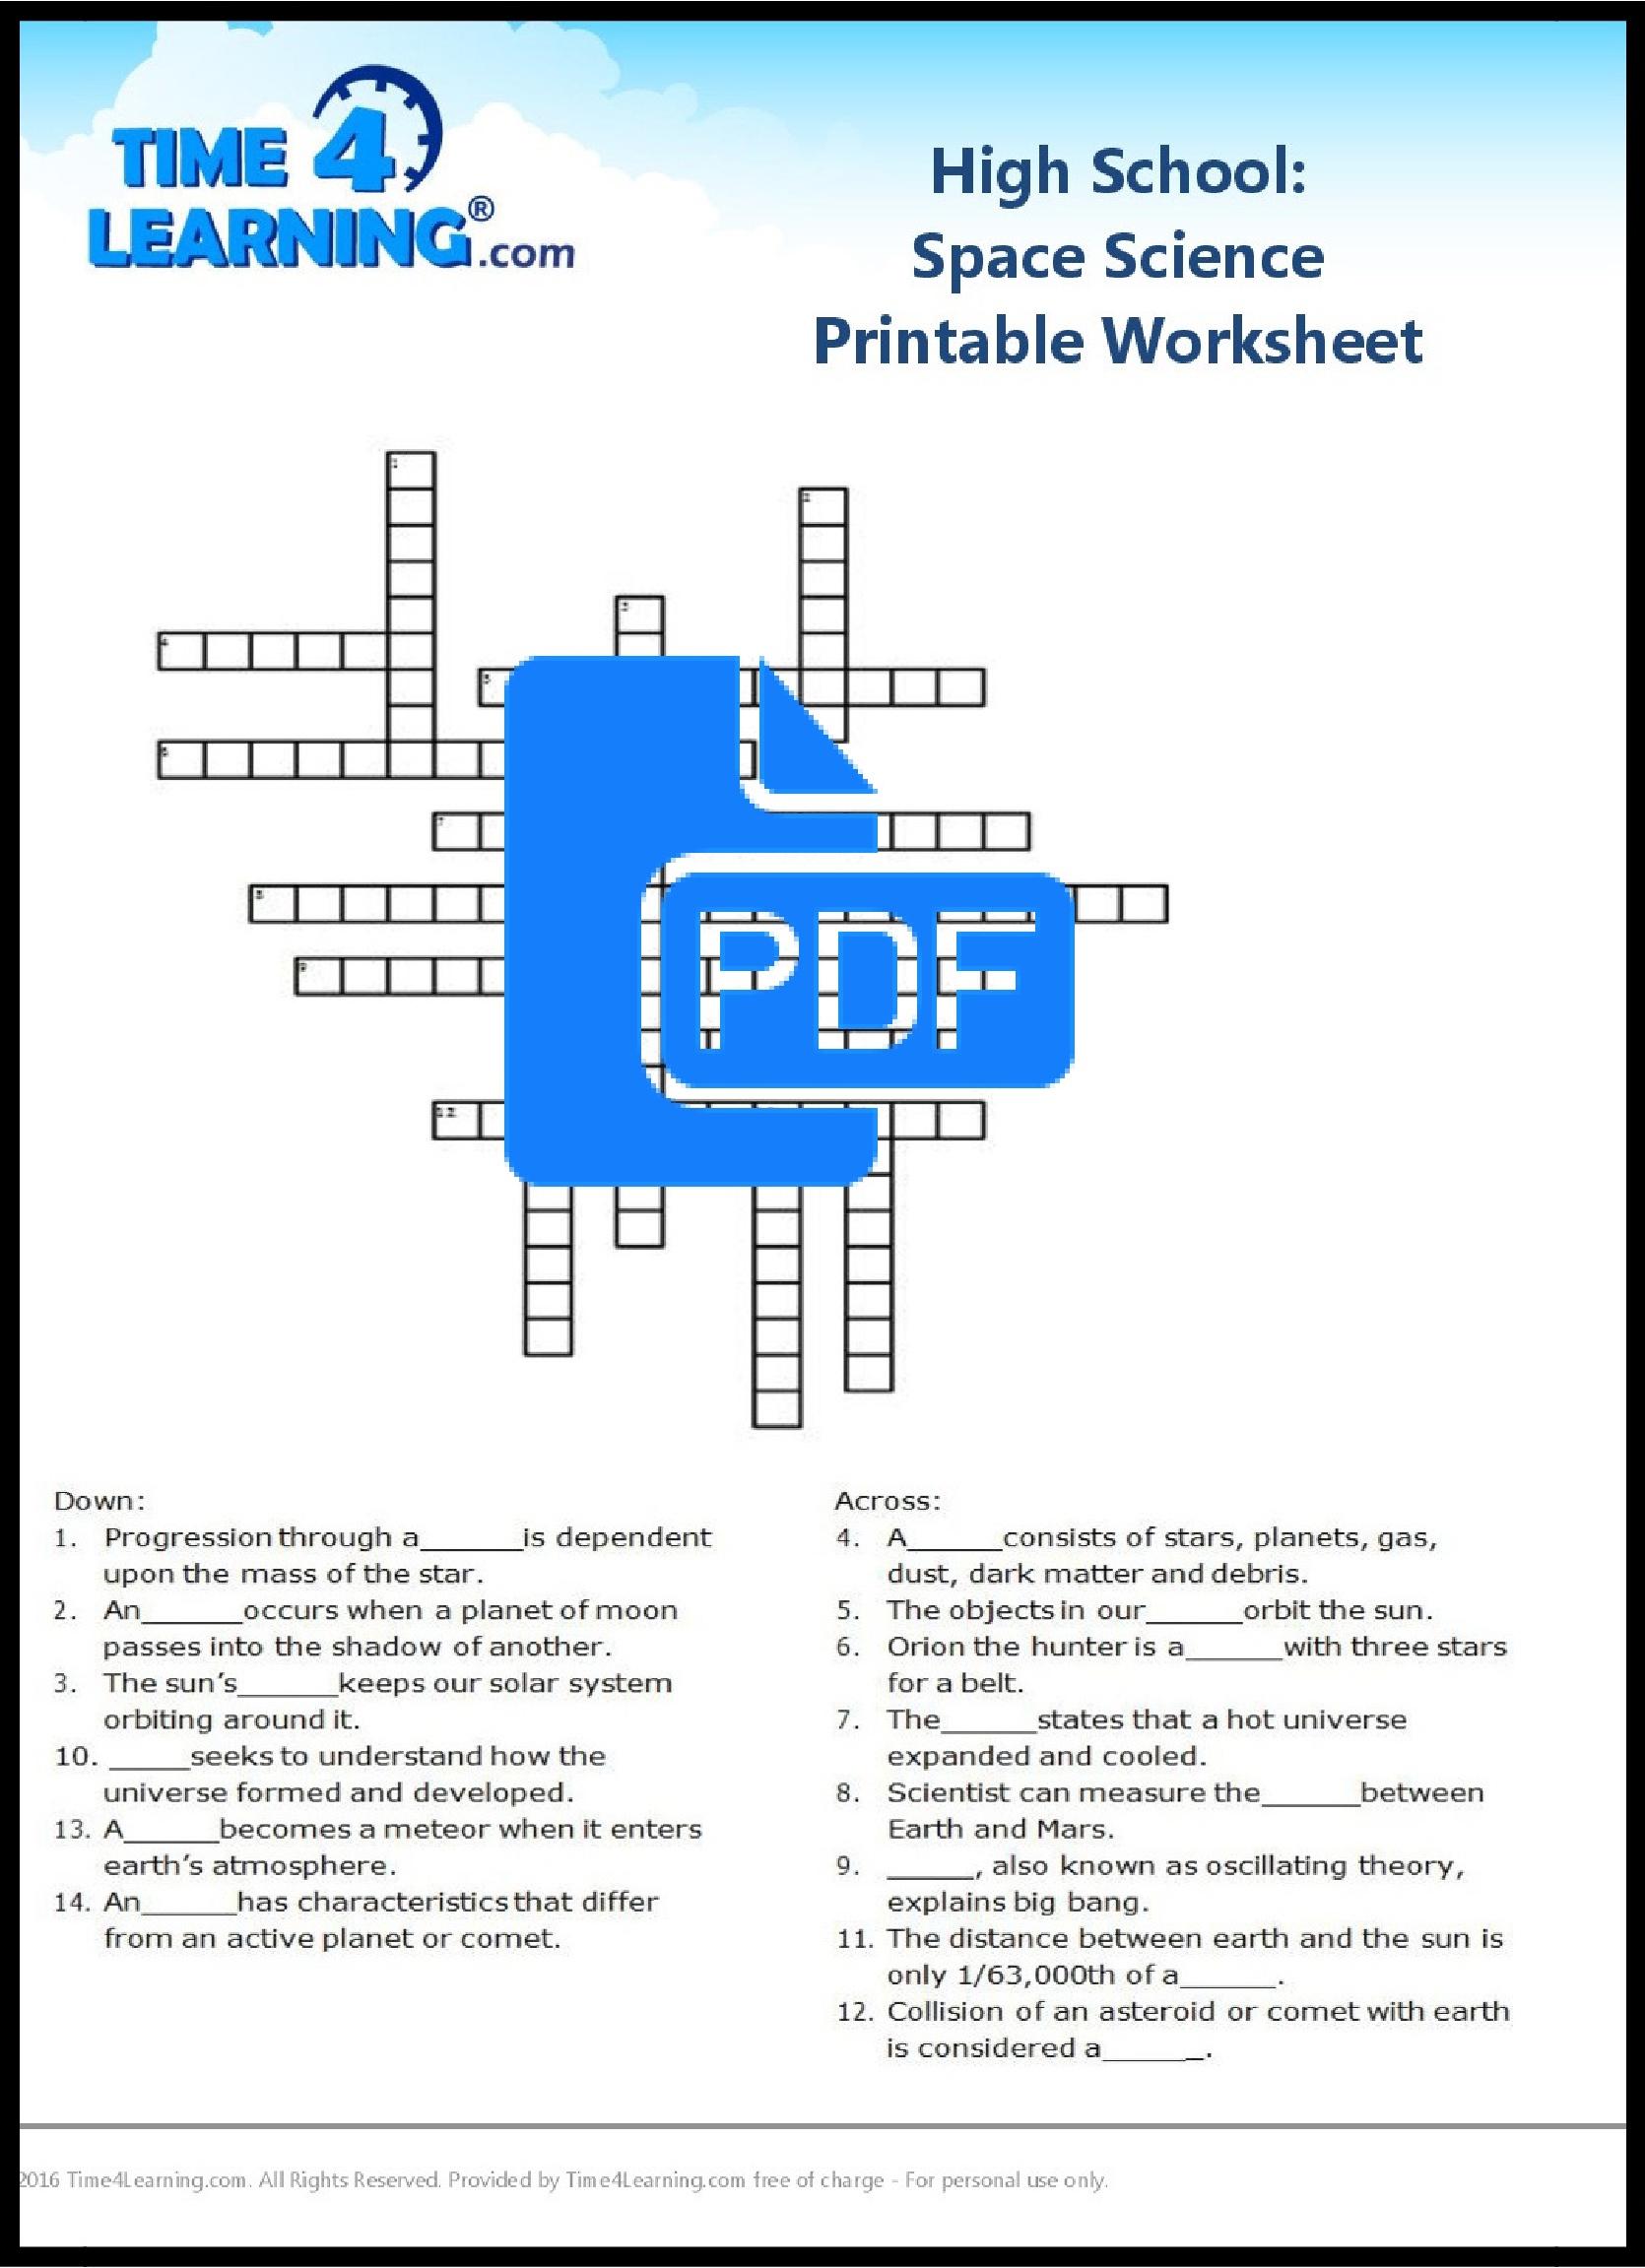 Free Worksheet Earth And Space Science Worksheets free printable high school space science worksheet time4learning worksheet